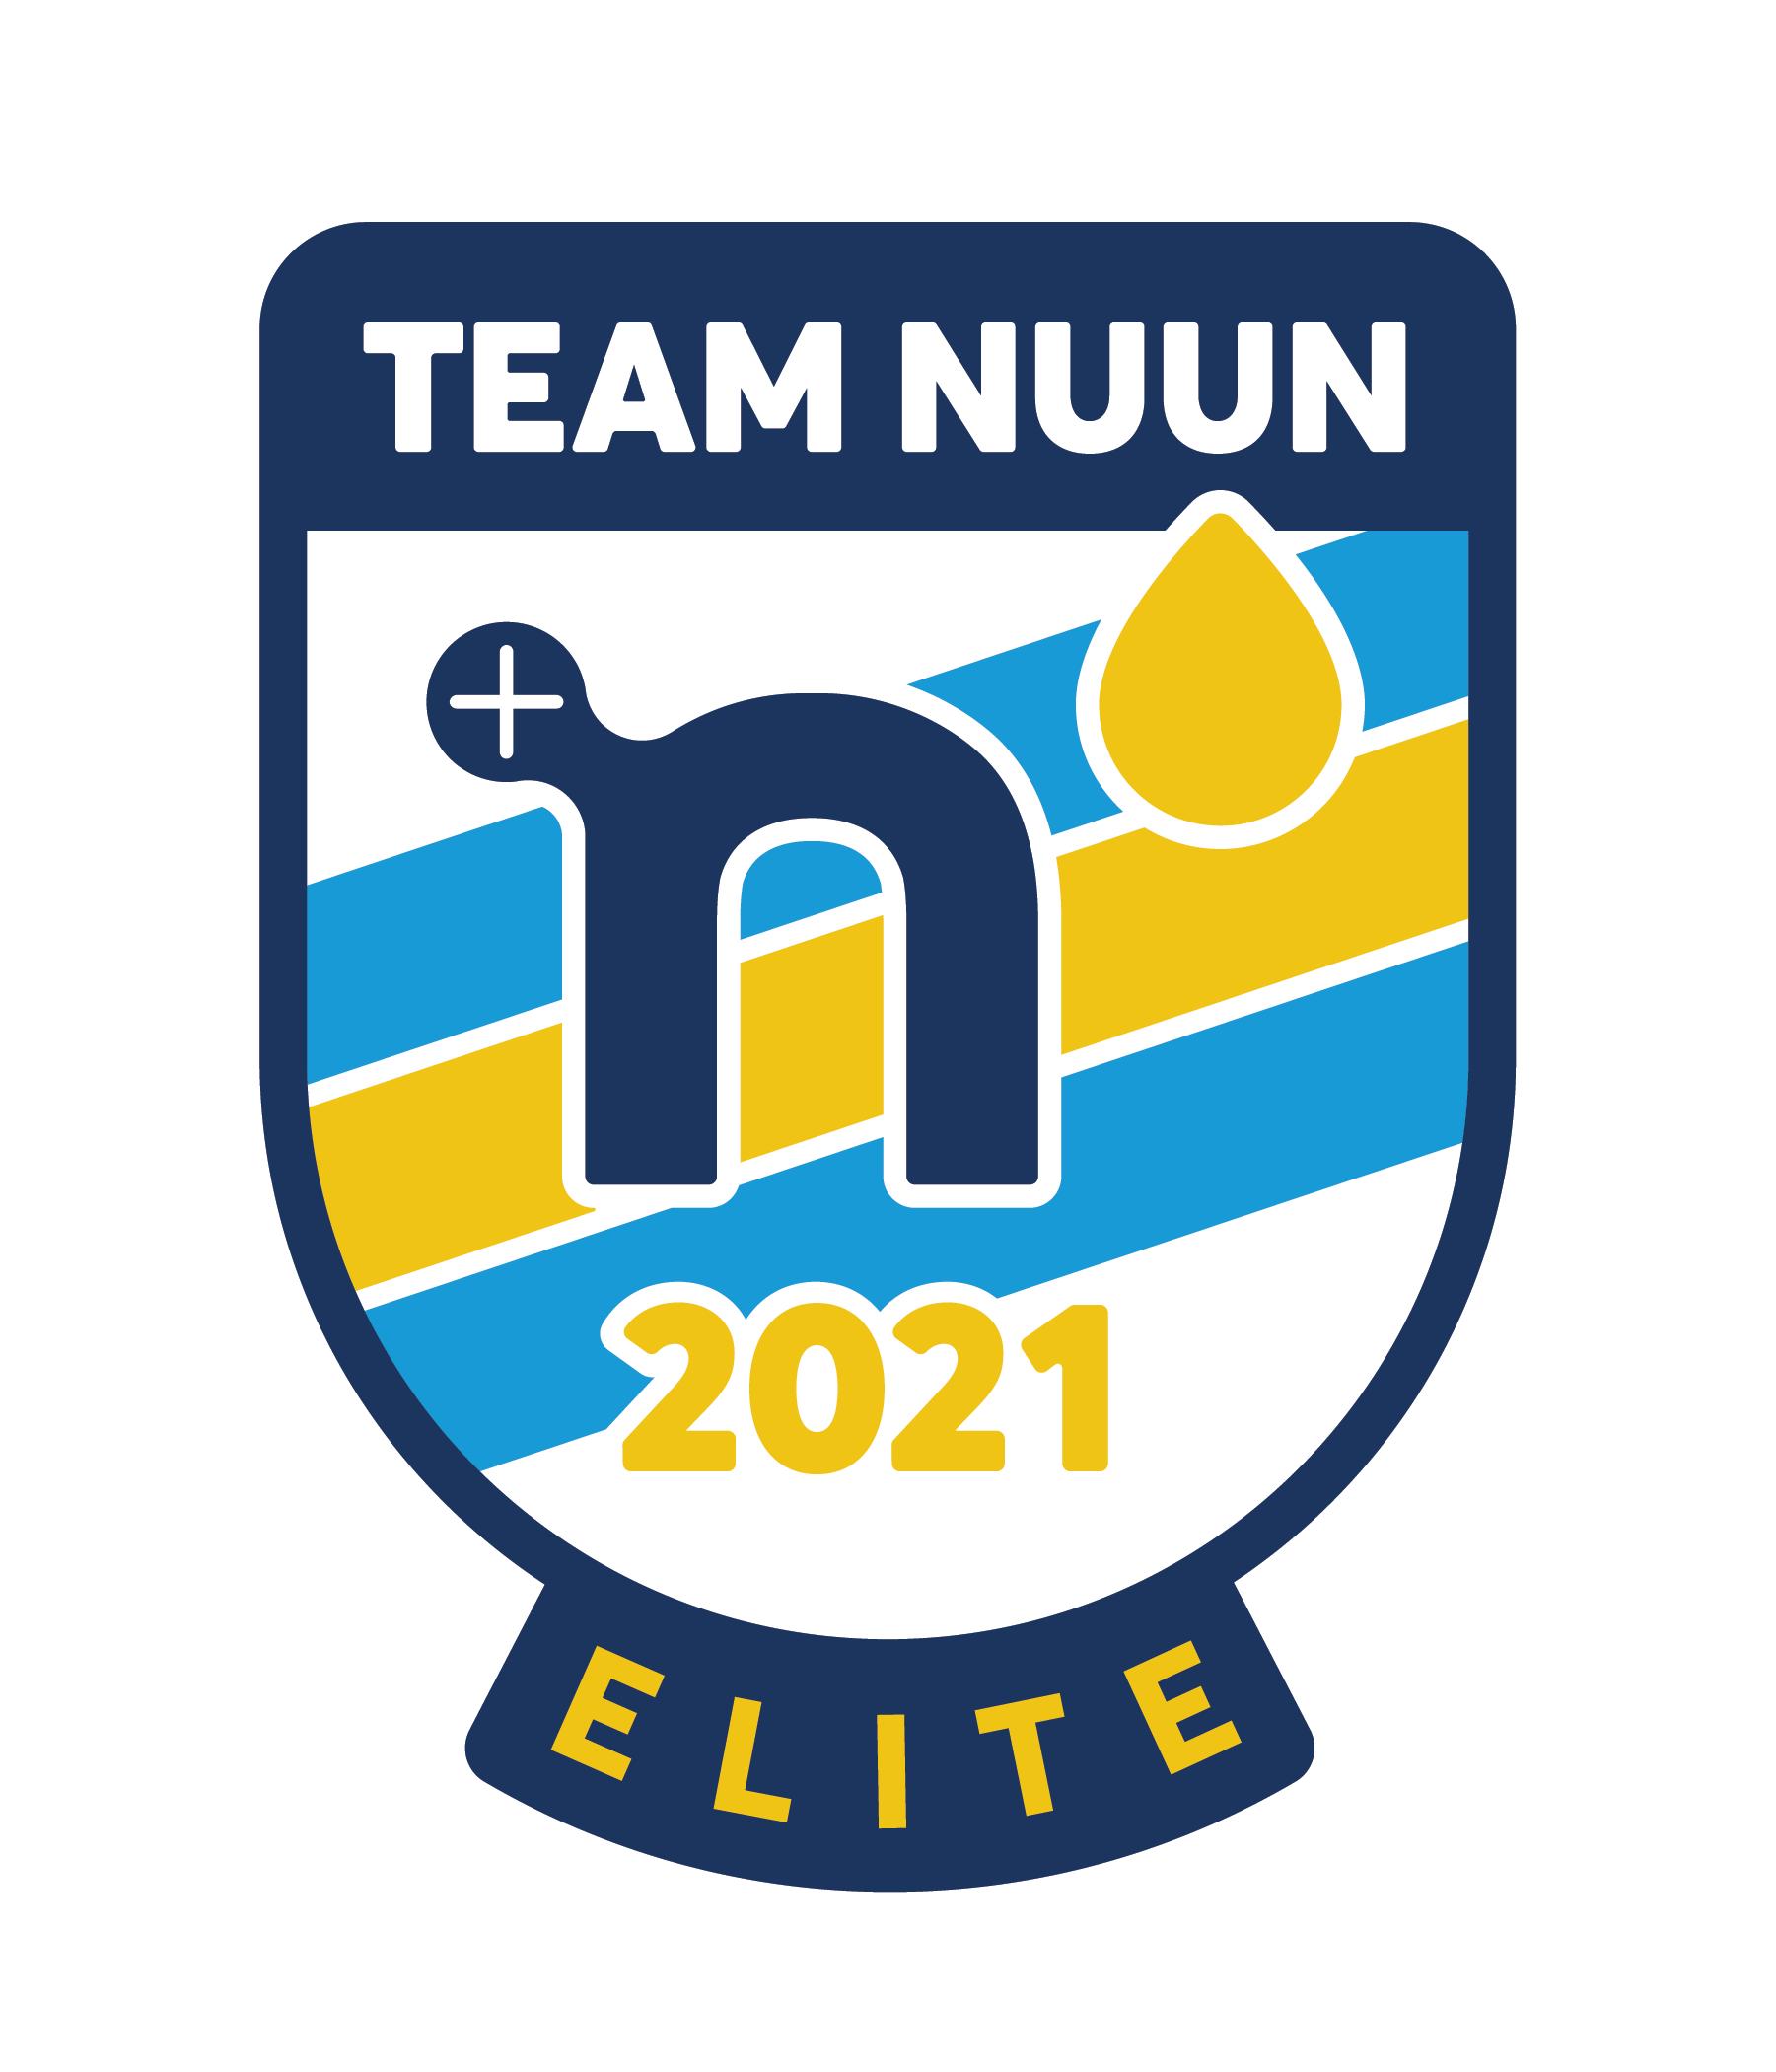 2021_Team_Nuun_Elite_r1